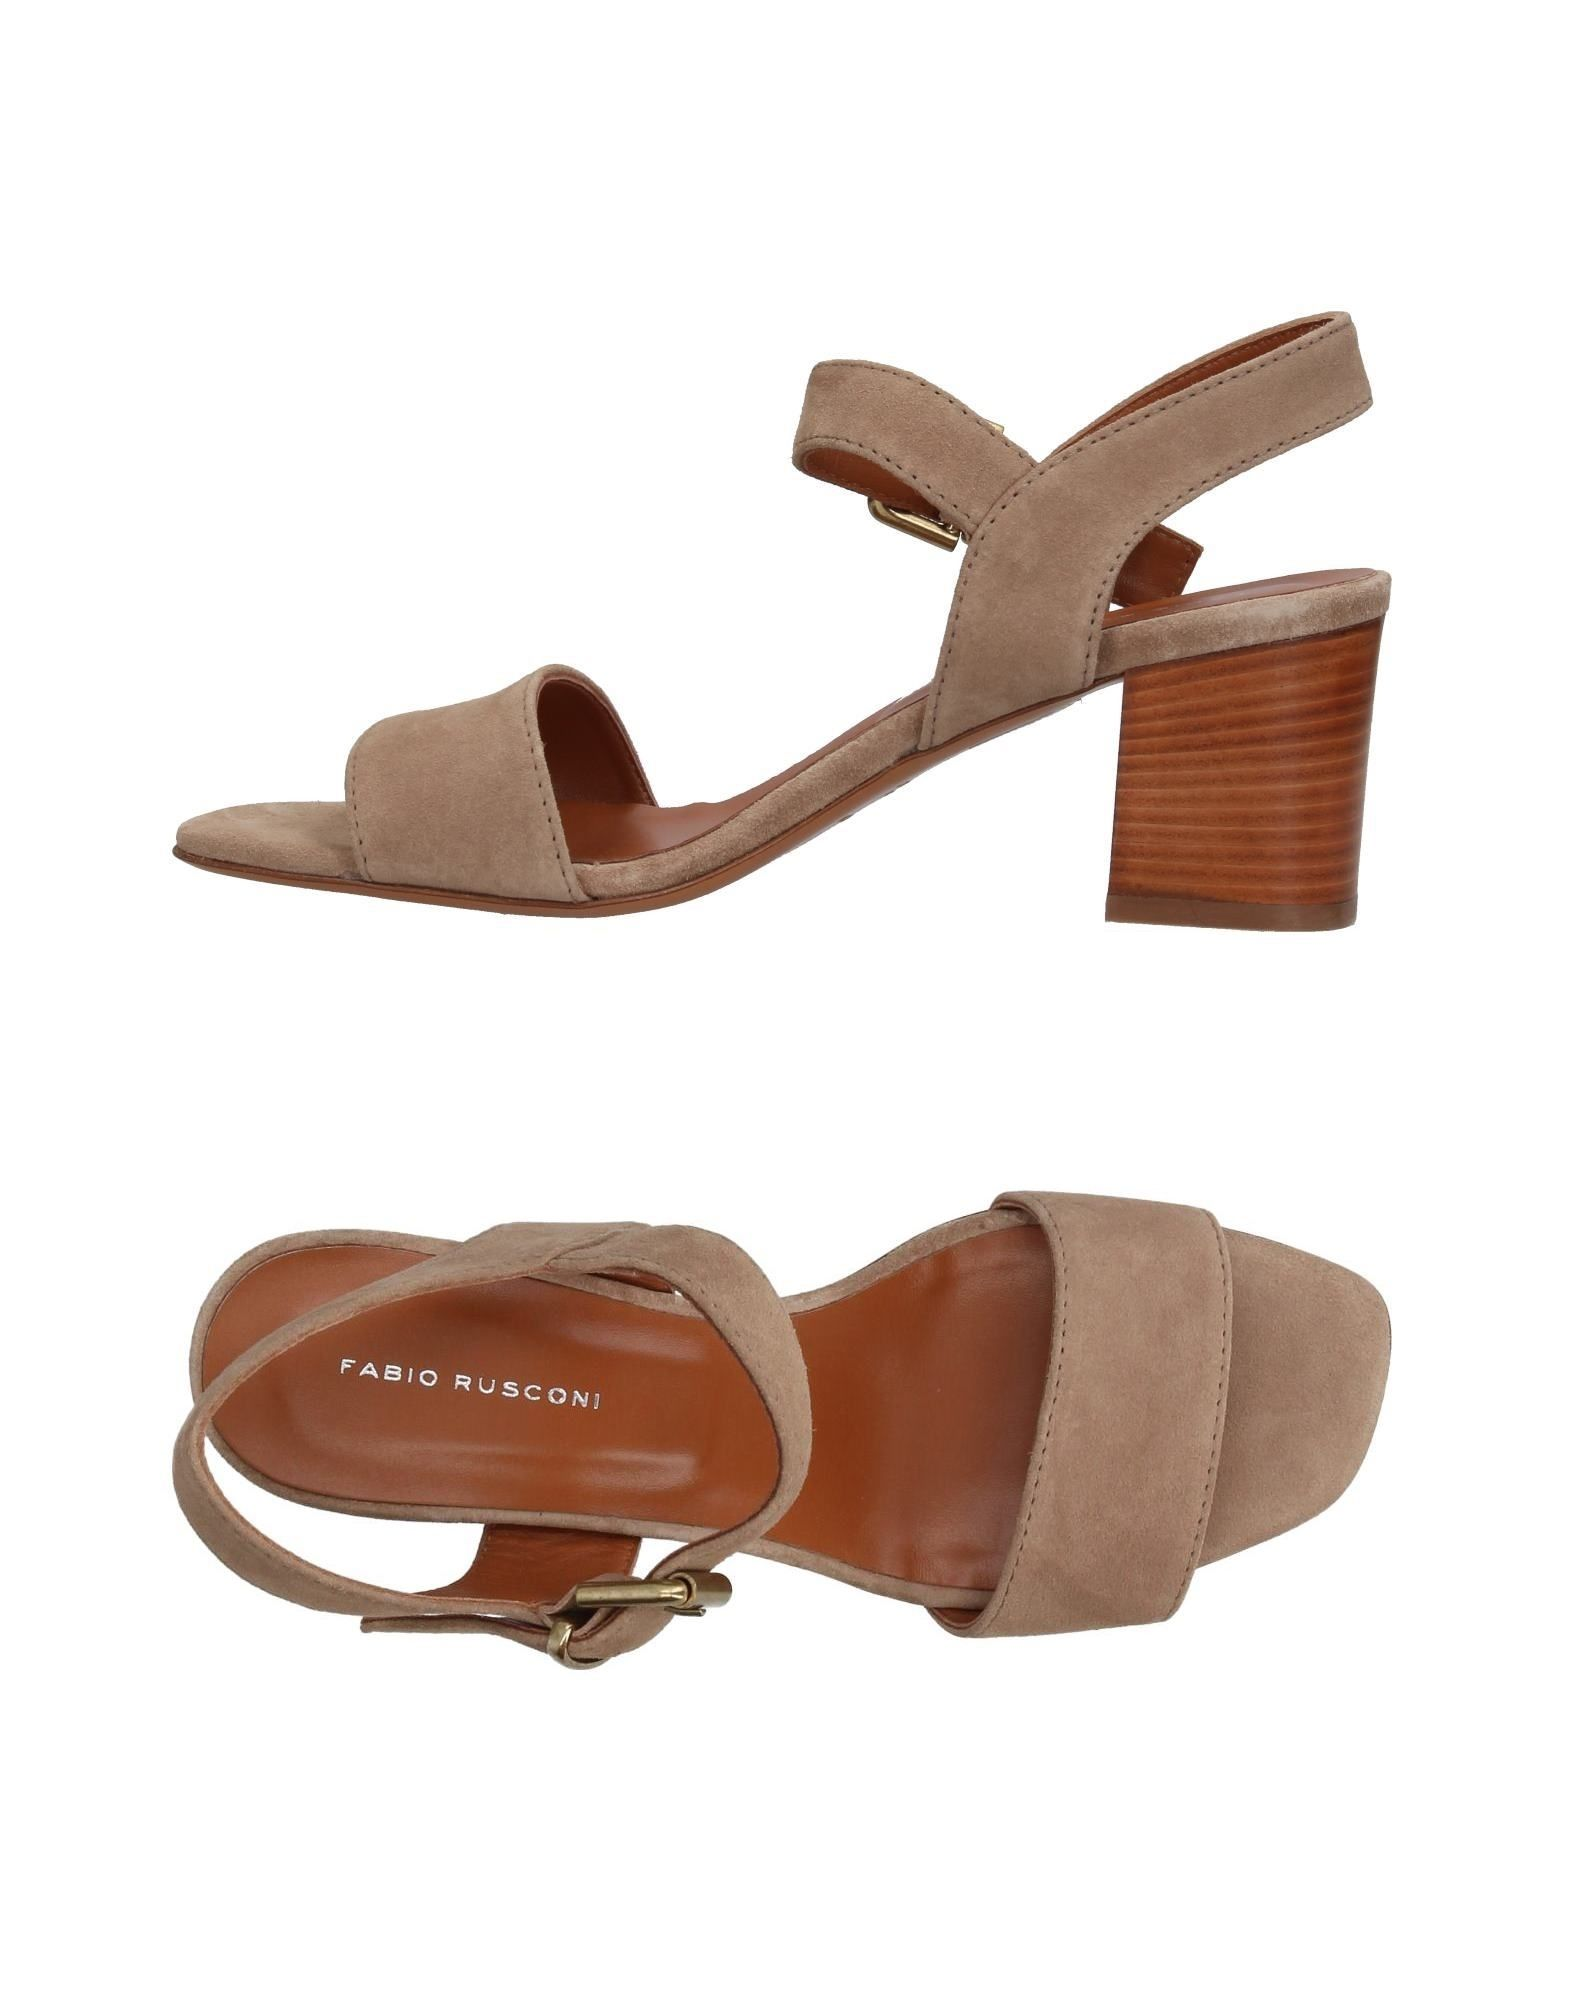 FABIO RUSCONI Damen Sandale Farbe Beige Größe 13 jetztbilligerkaufen